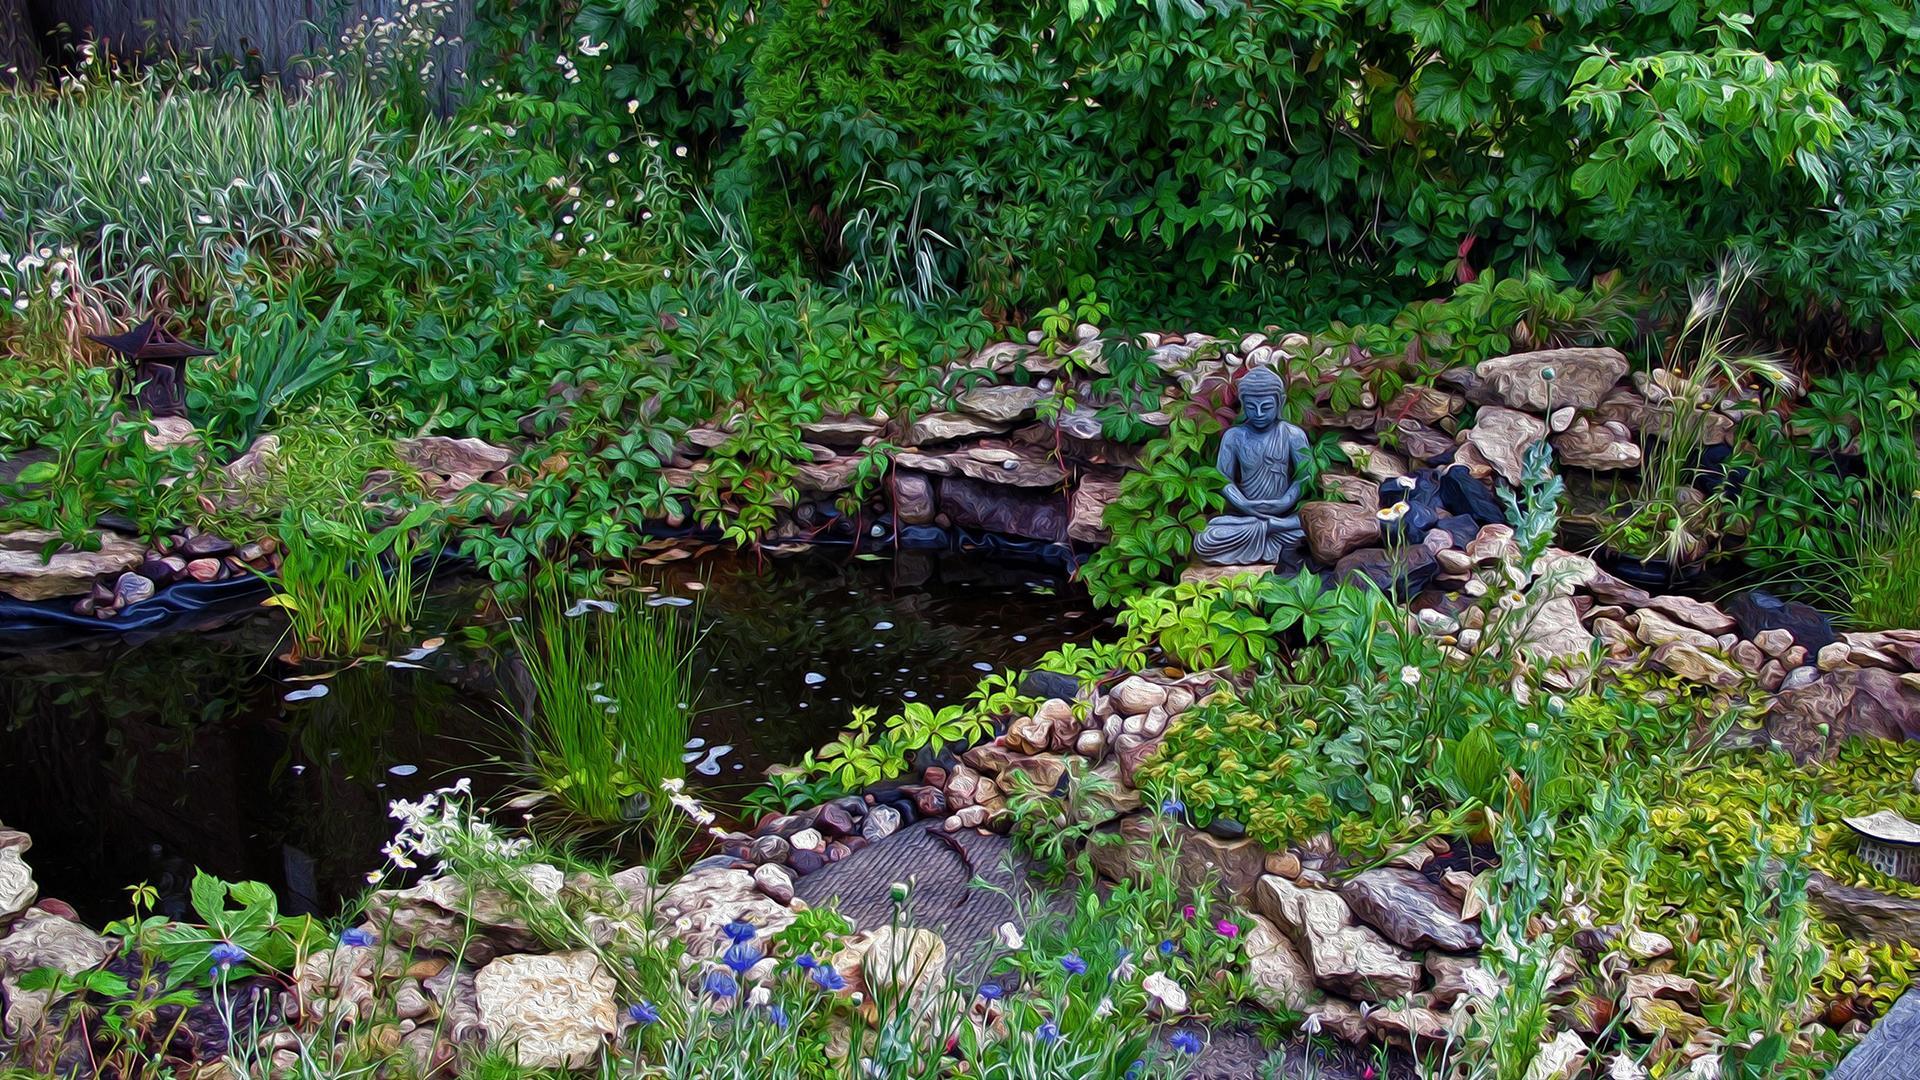 禅意花园风景图片高清宽屏桌面壁纸